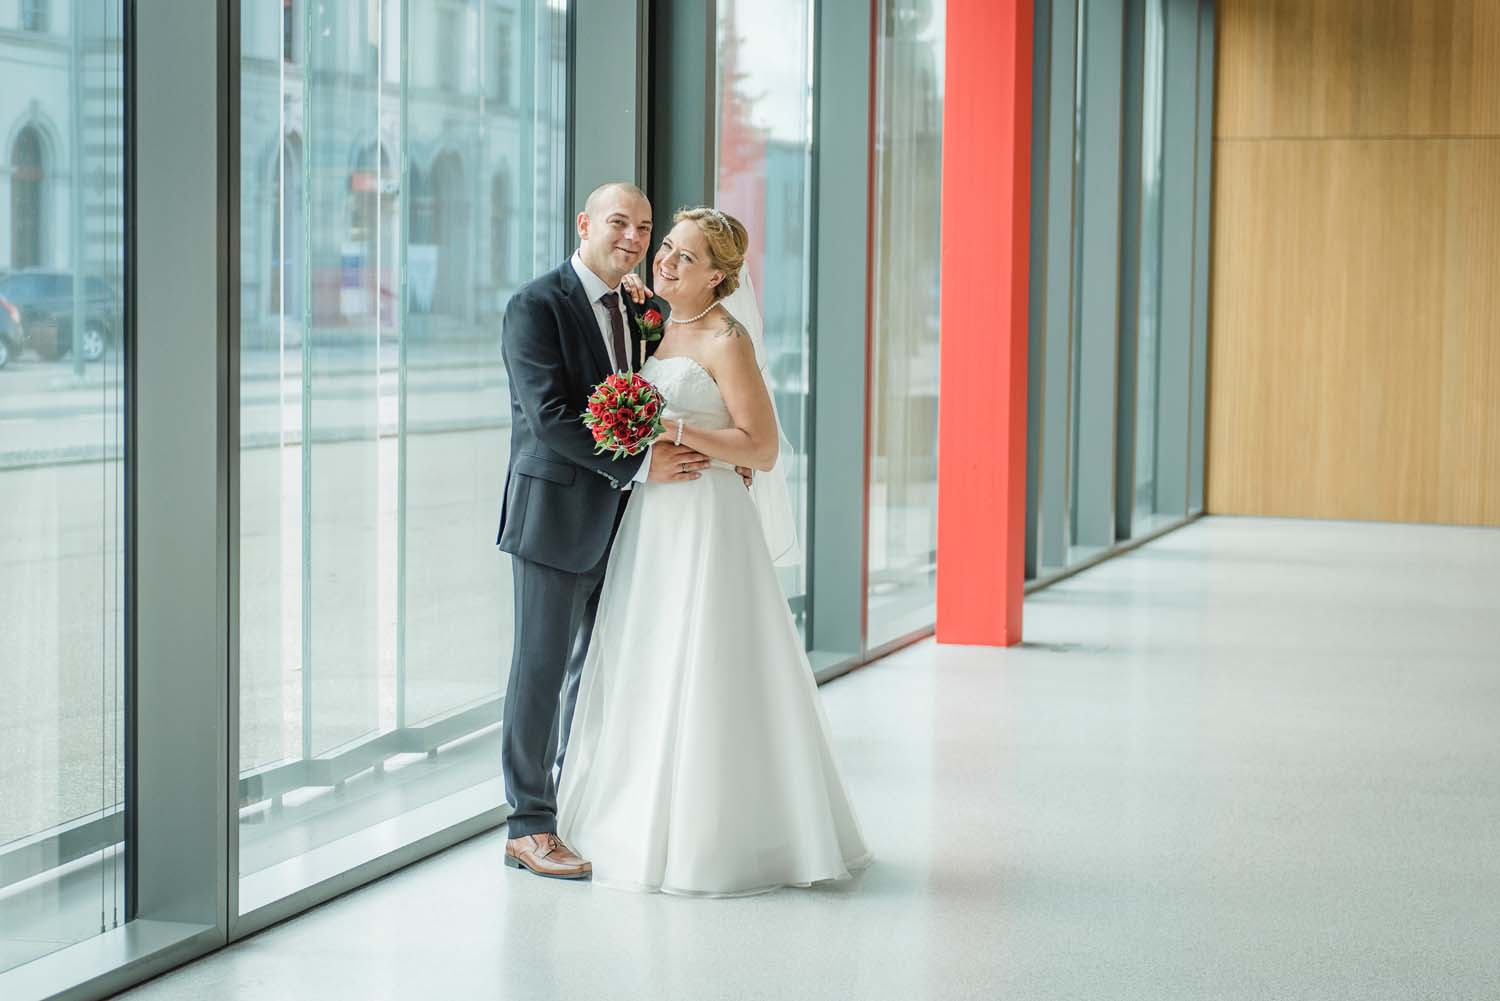 Indoor-Brautpaar-Shooting-in-Staad